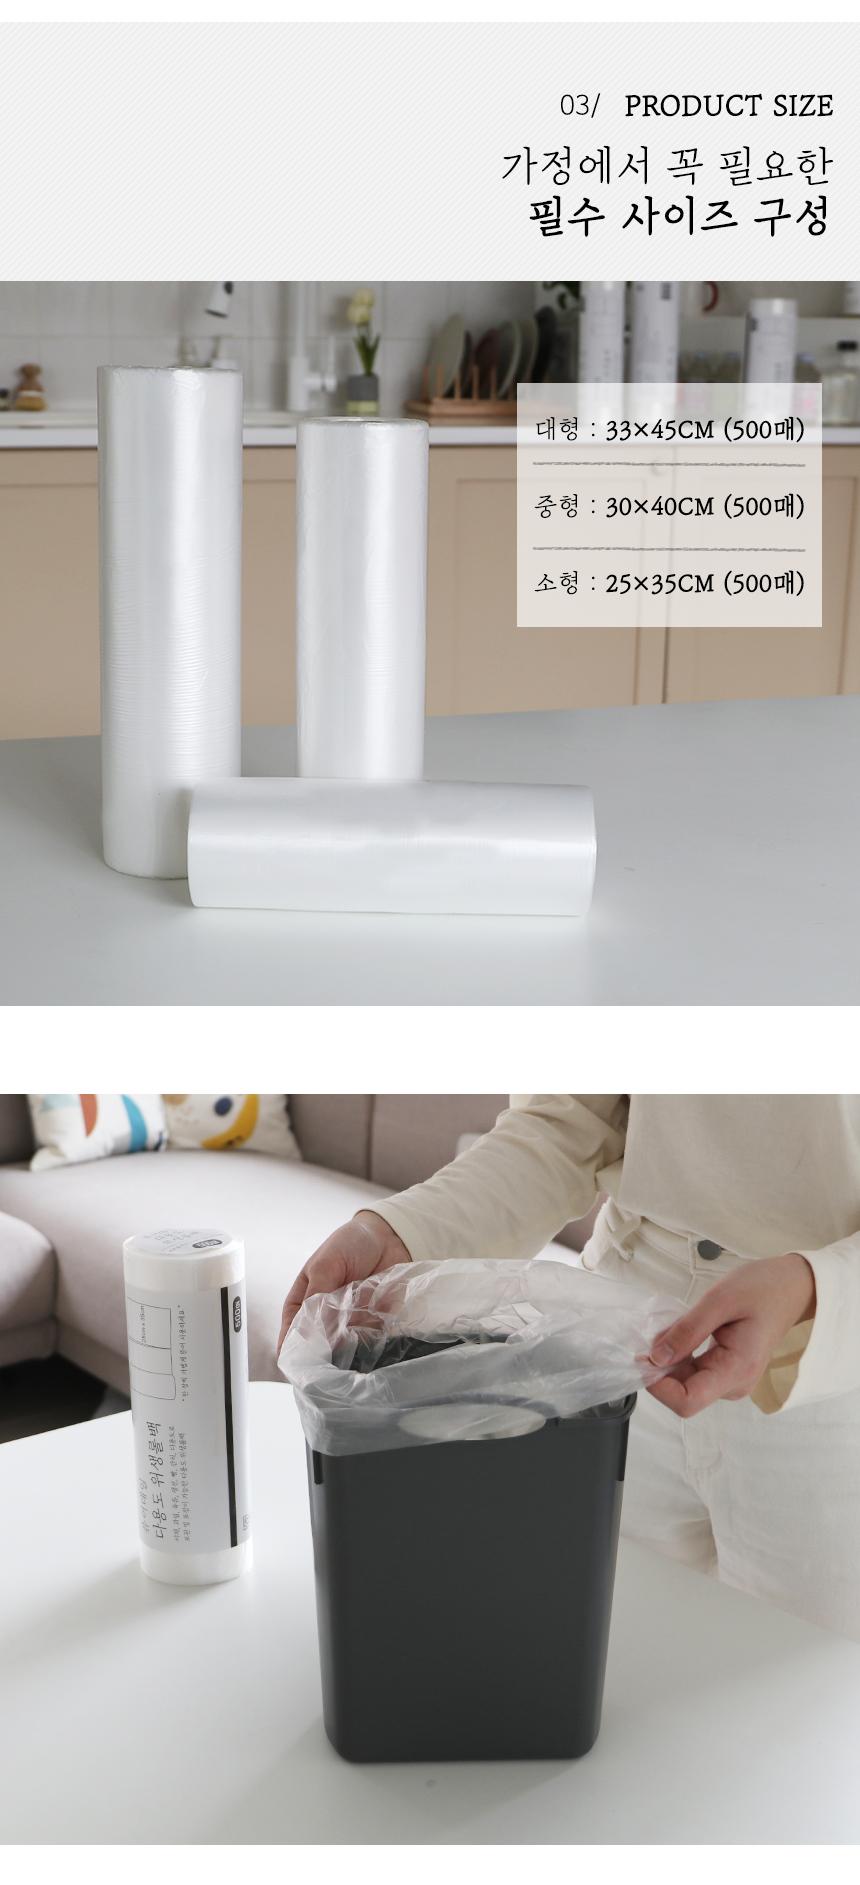 퓨어데일 다용도 위생롤백 33x45cm 500매 - 더홈, 14,900원, 생활잡화, 생활소모품